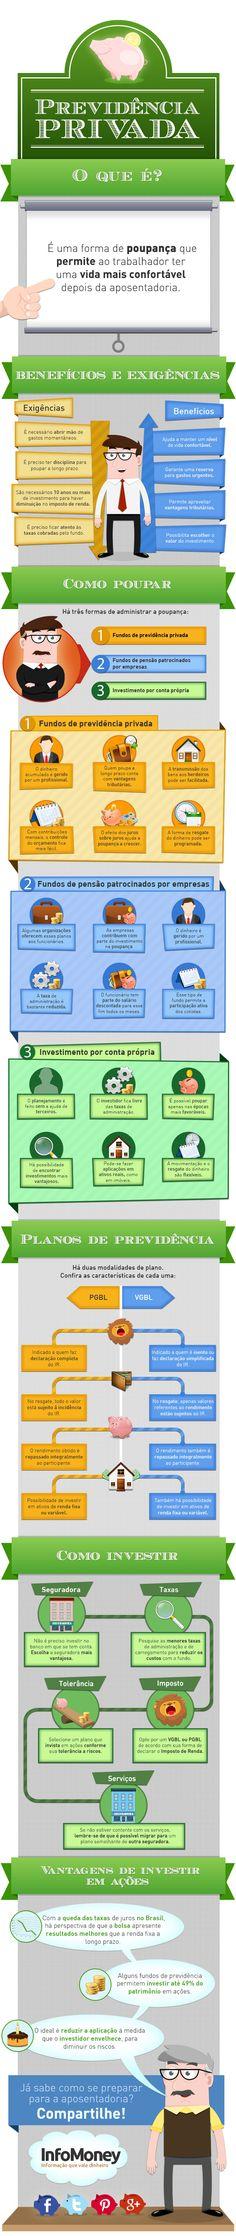 Conheça as principais formas de poupança a longo prazo disponíveis para se aposentar e continuar a viver com conforto. Confira no infográfico do Portal InfoMoney!